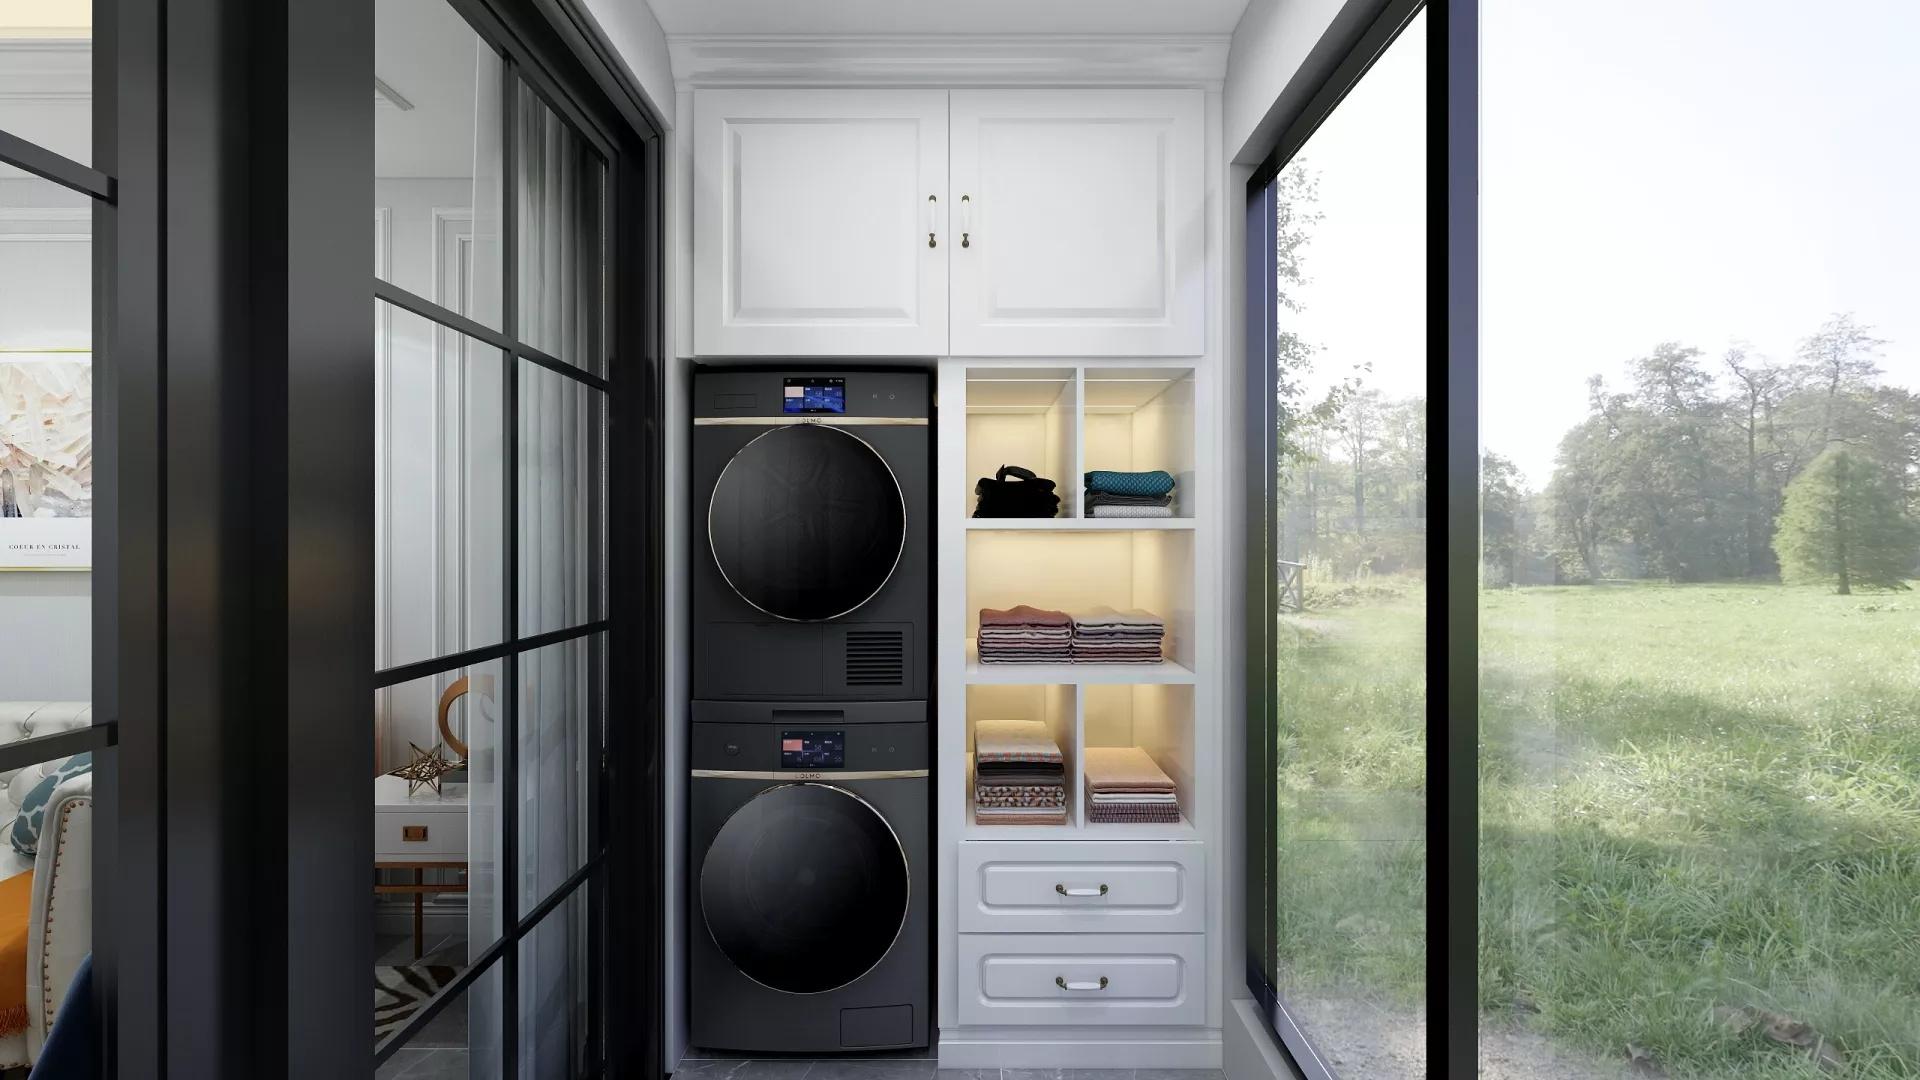 家居纱窗安装有哪些要点?家居纱窗安装要点有什么?